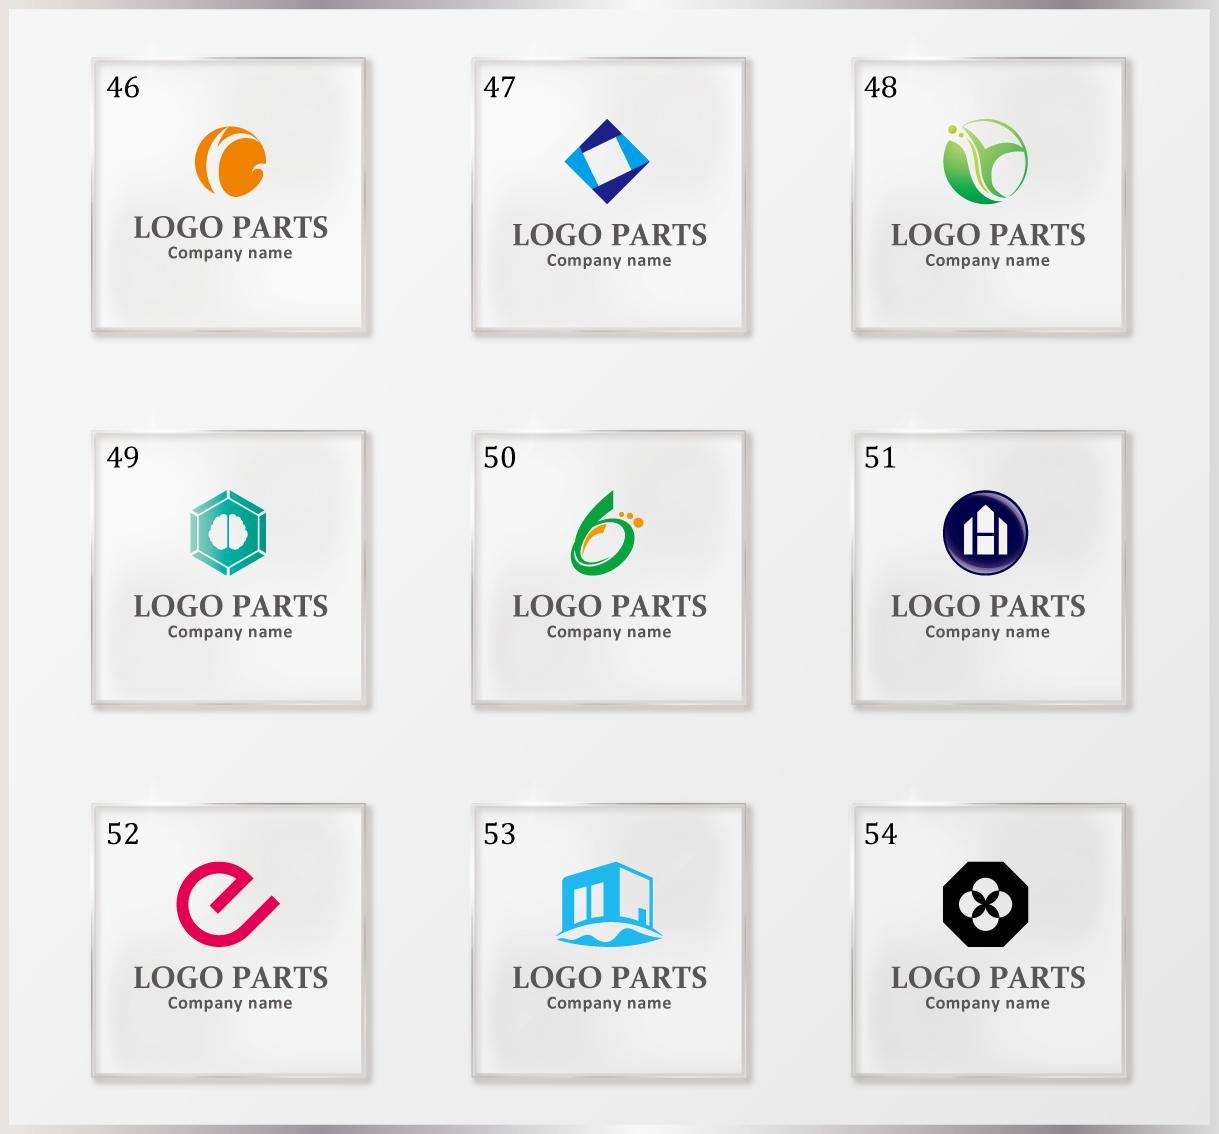 Q【選んで決めれるロゴ販売】素敵なロゴに出会えます ◆現役プロデザイナーが一つ一つ想いを込めた渾身のデザイン◆